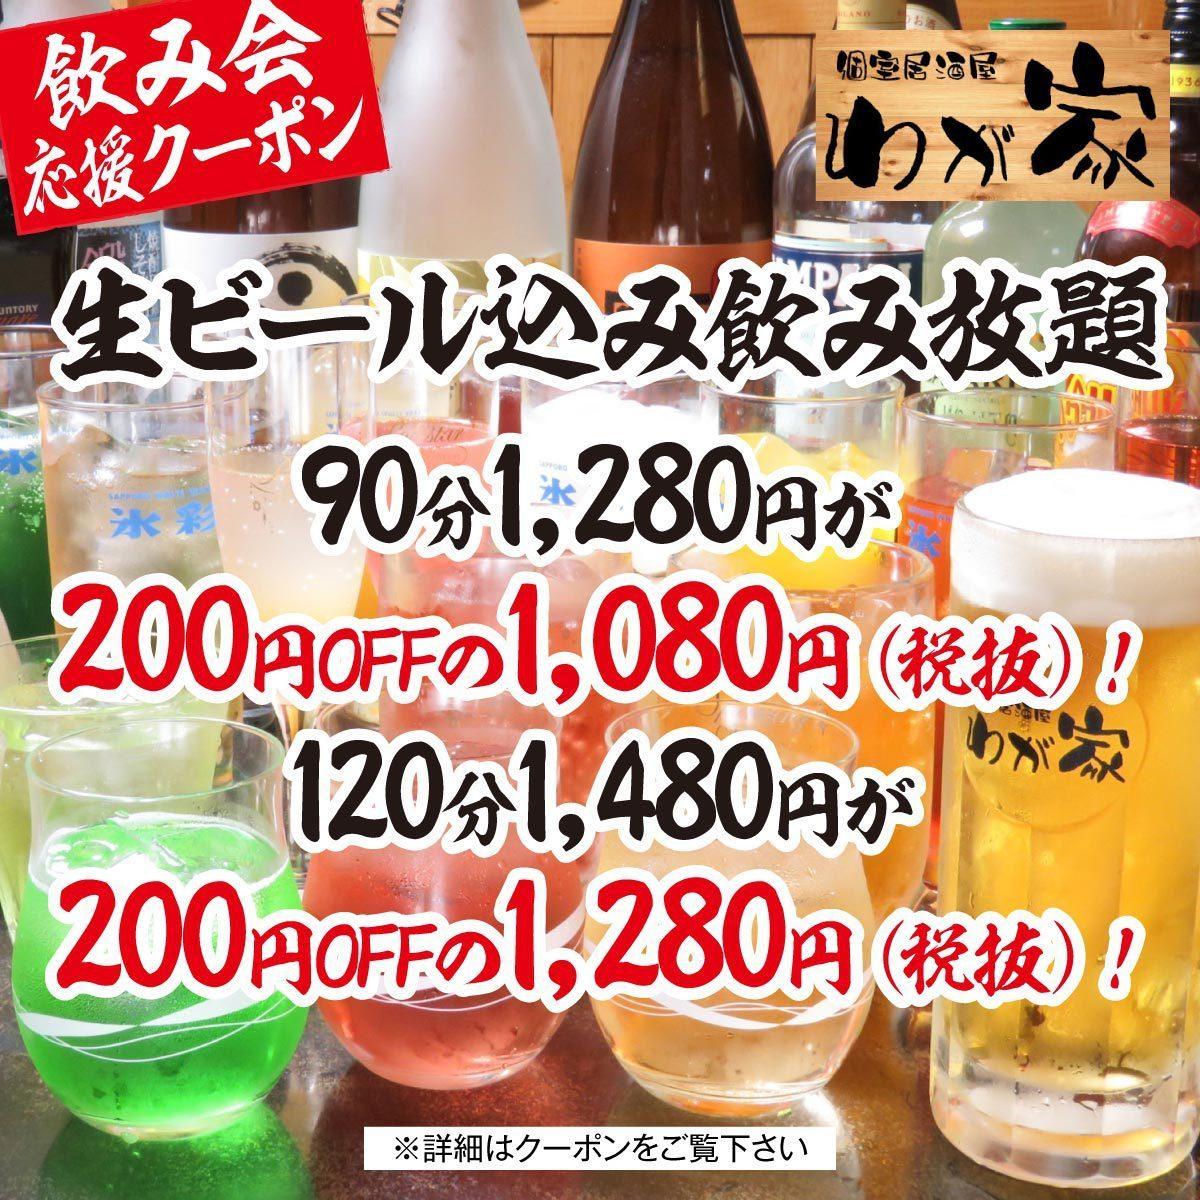 【充実飲み放題】が200円OFFで楽しめる★